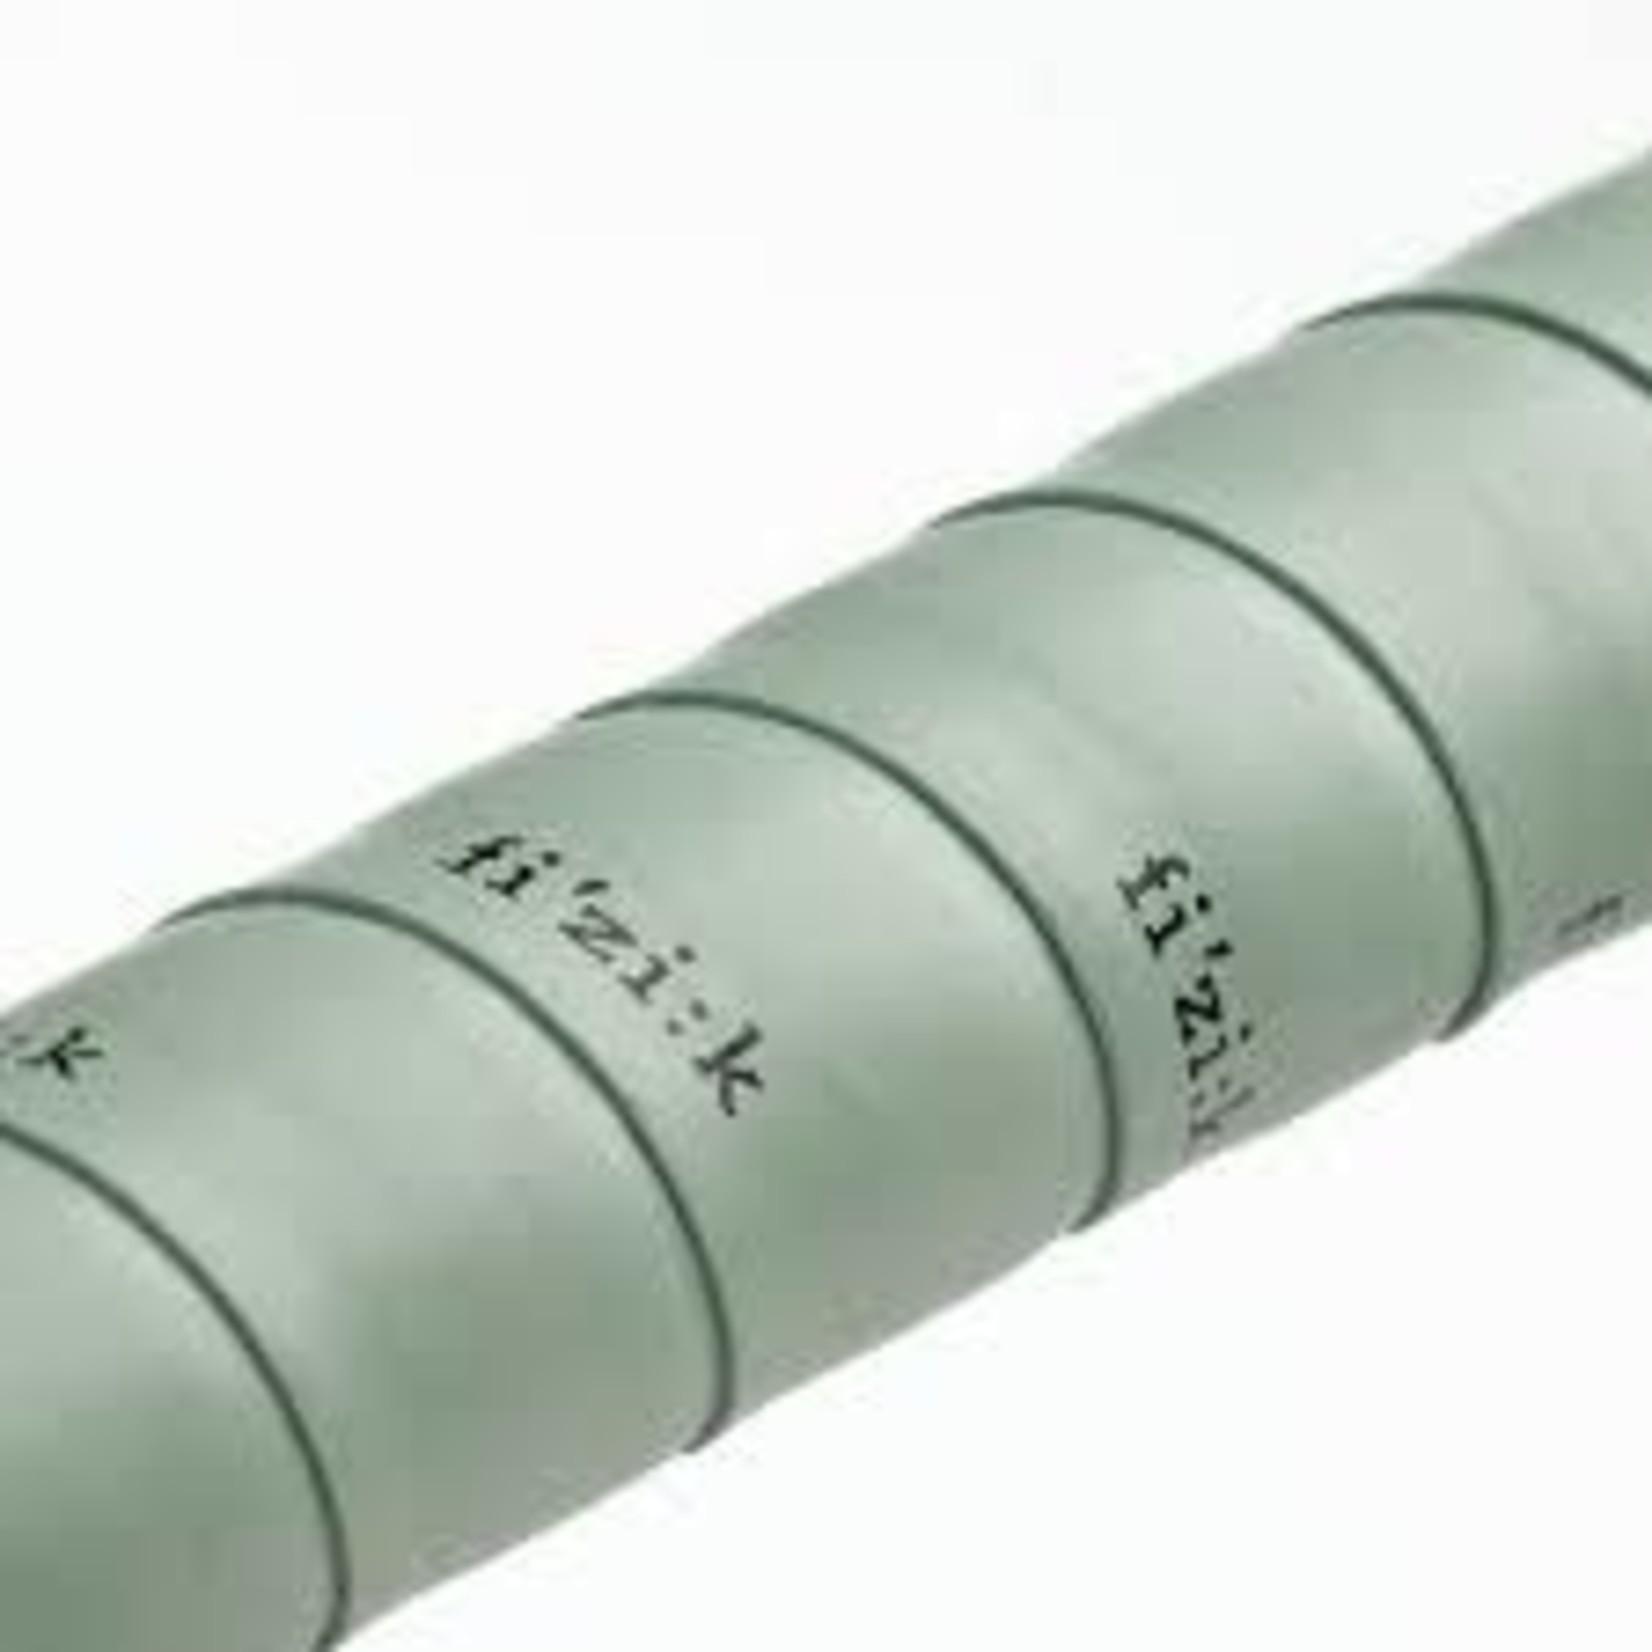 Fizik Terra Microtex Bondcush Tacky, Green/Blue